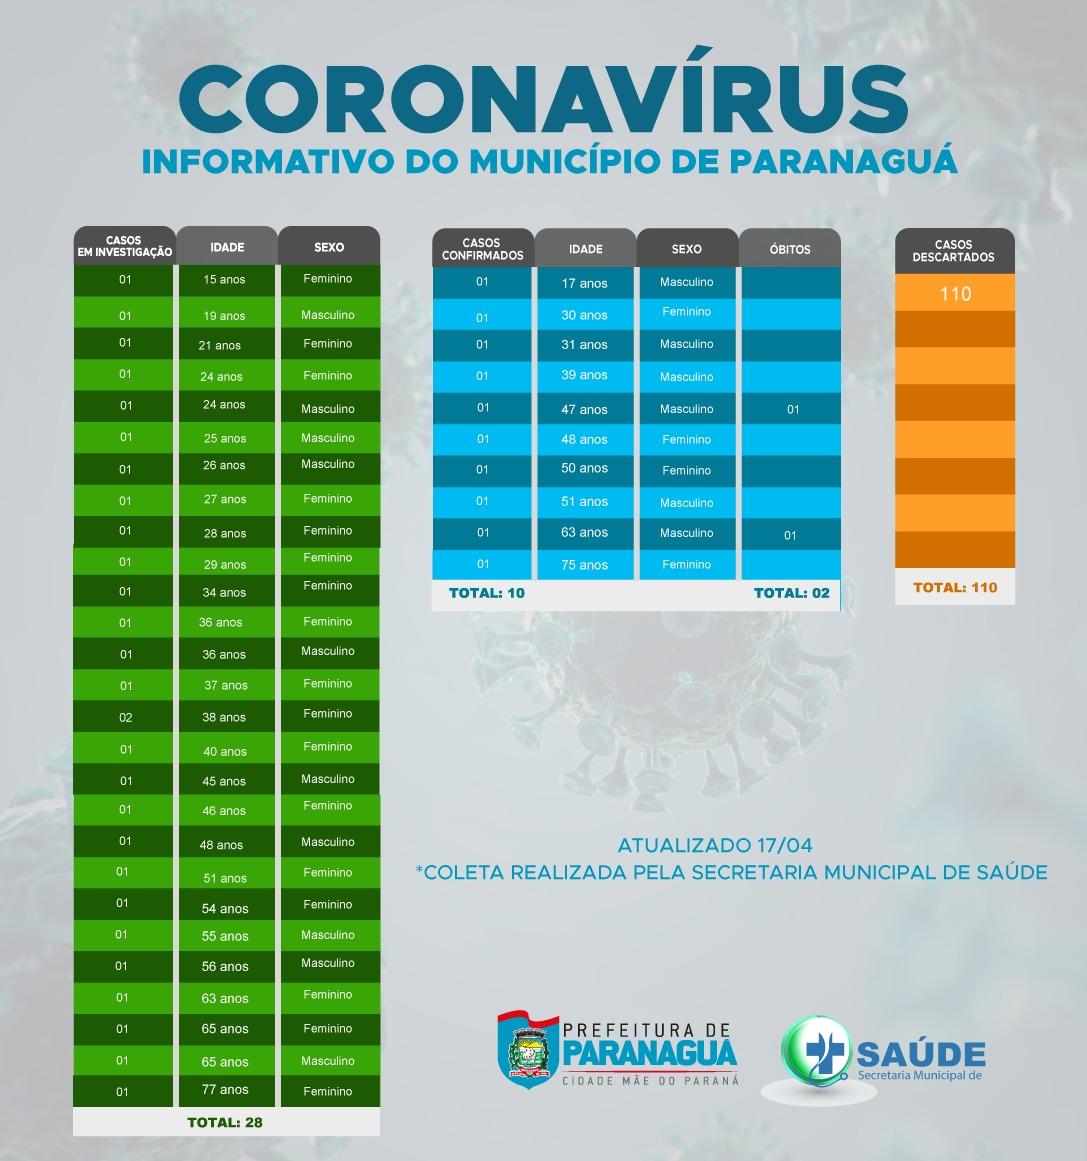 Prefeitura De Paranagua Coronavirus Noticias E Informacoes Atualizadas